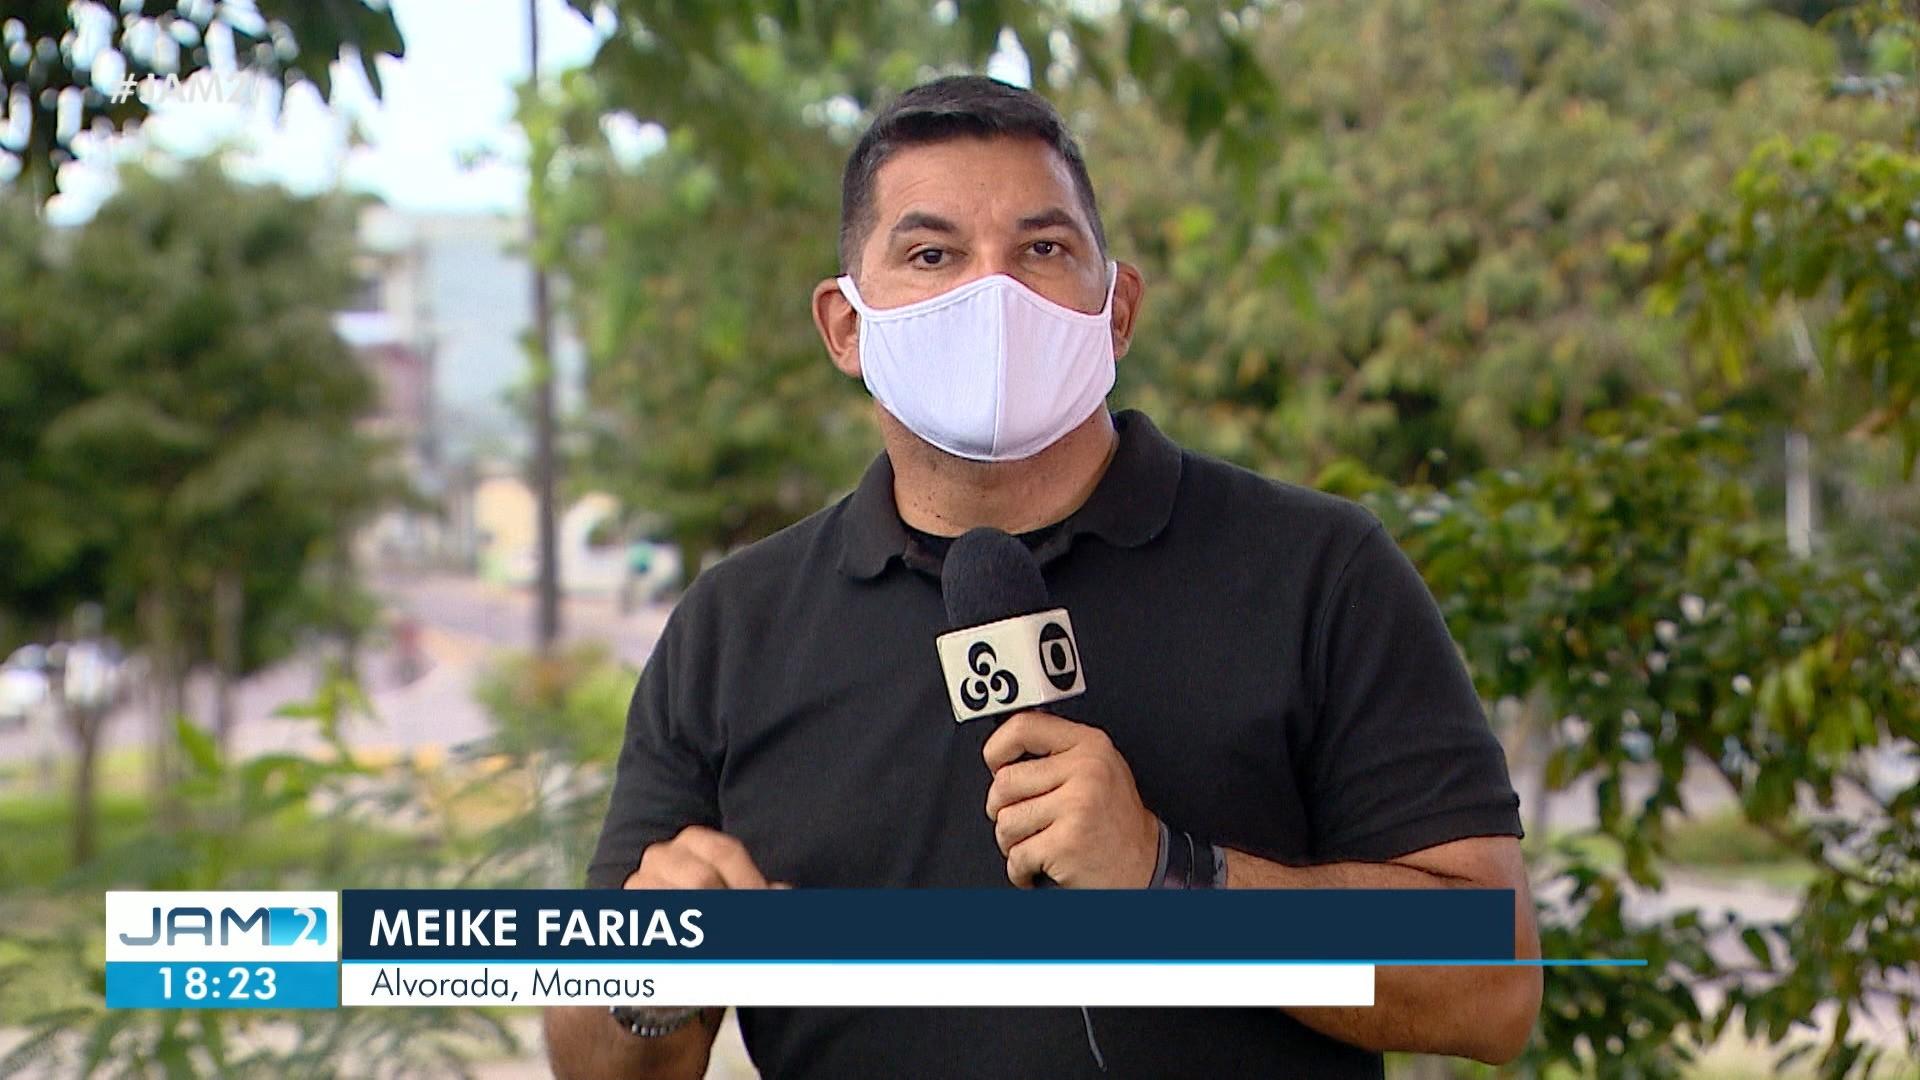 VÍDEOS: Hemoam passa por desinfestação; veja outros destaques do JAM 2